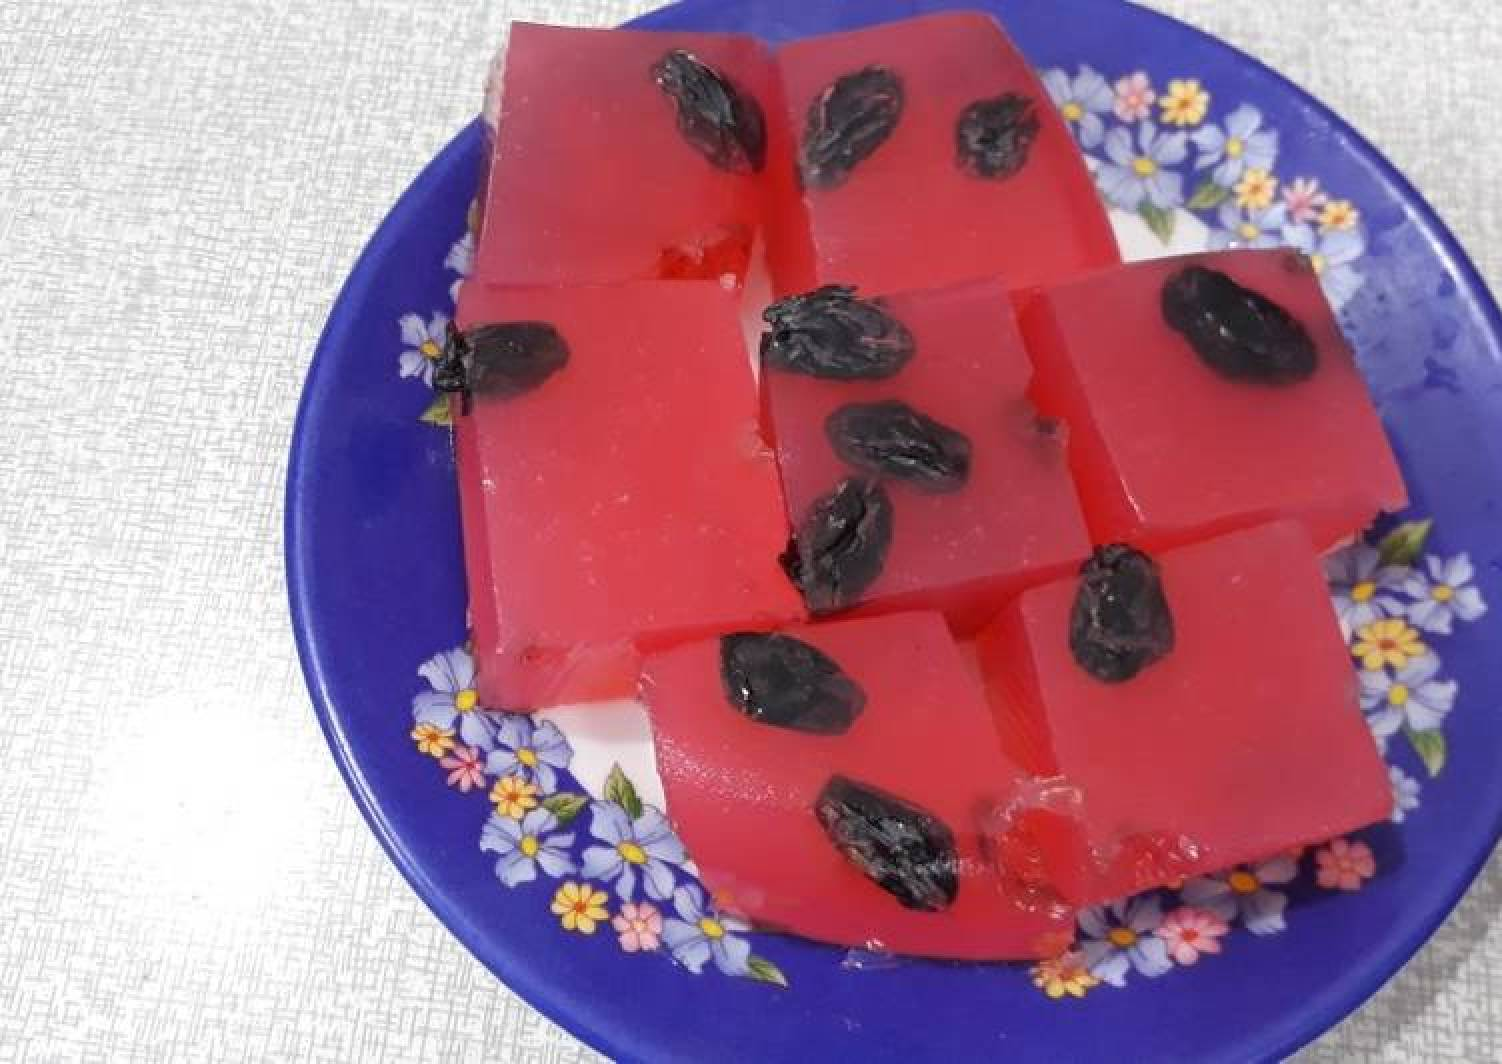 Watermelon agar agar